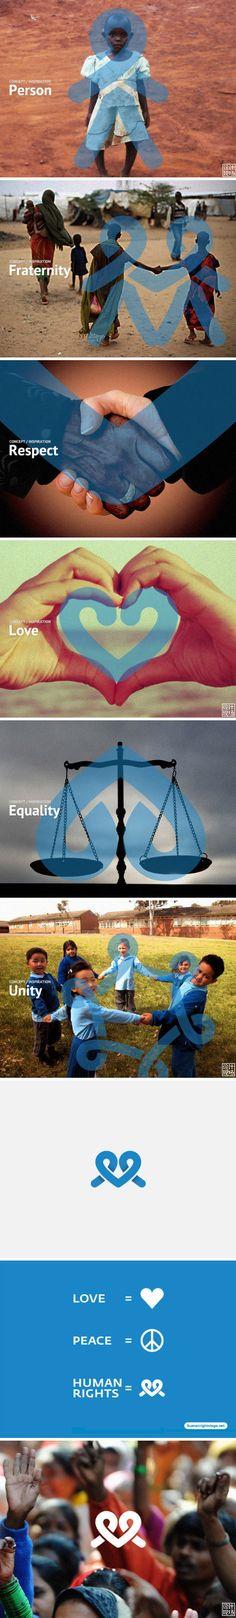 HUMAN RIGHTS Logo Proposal